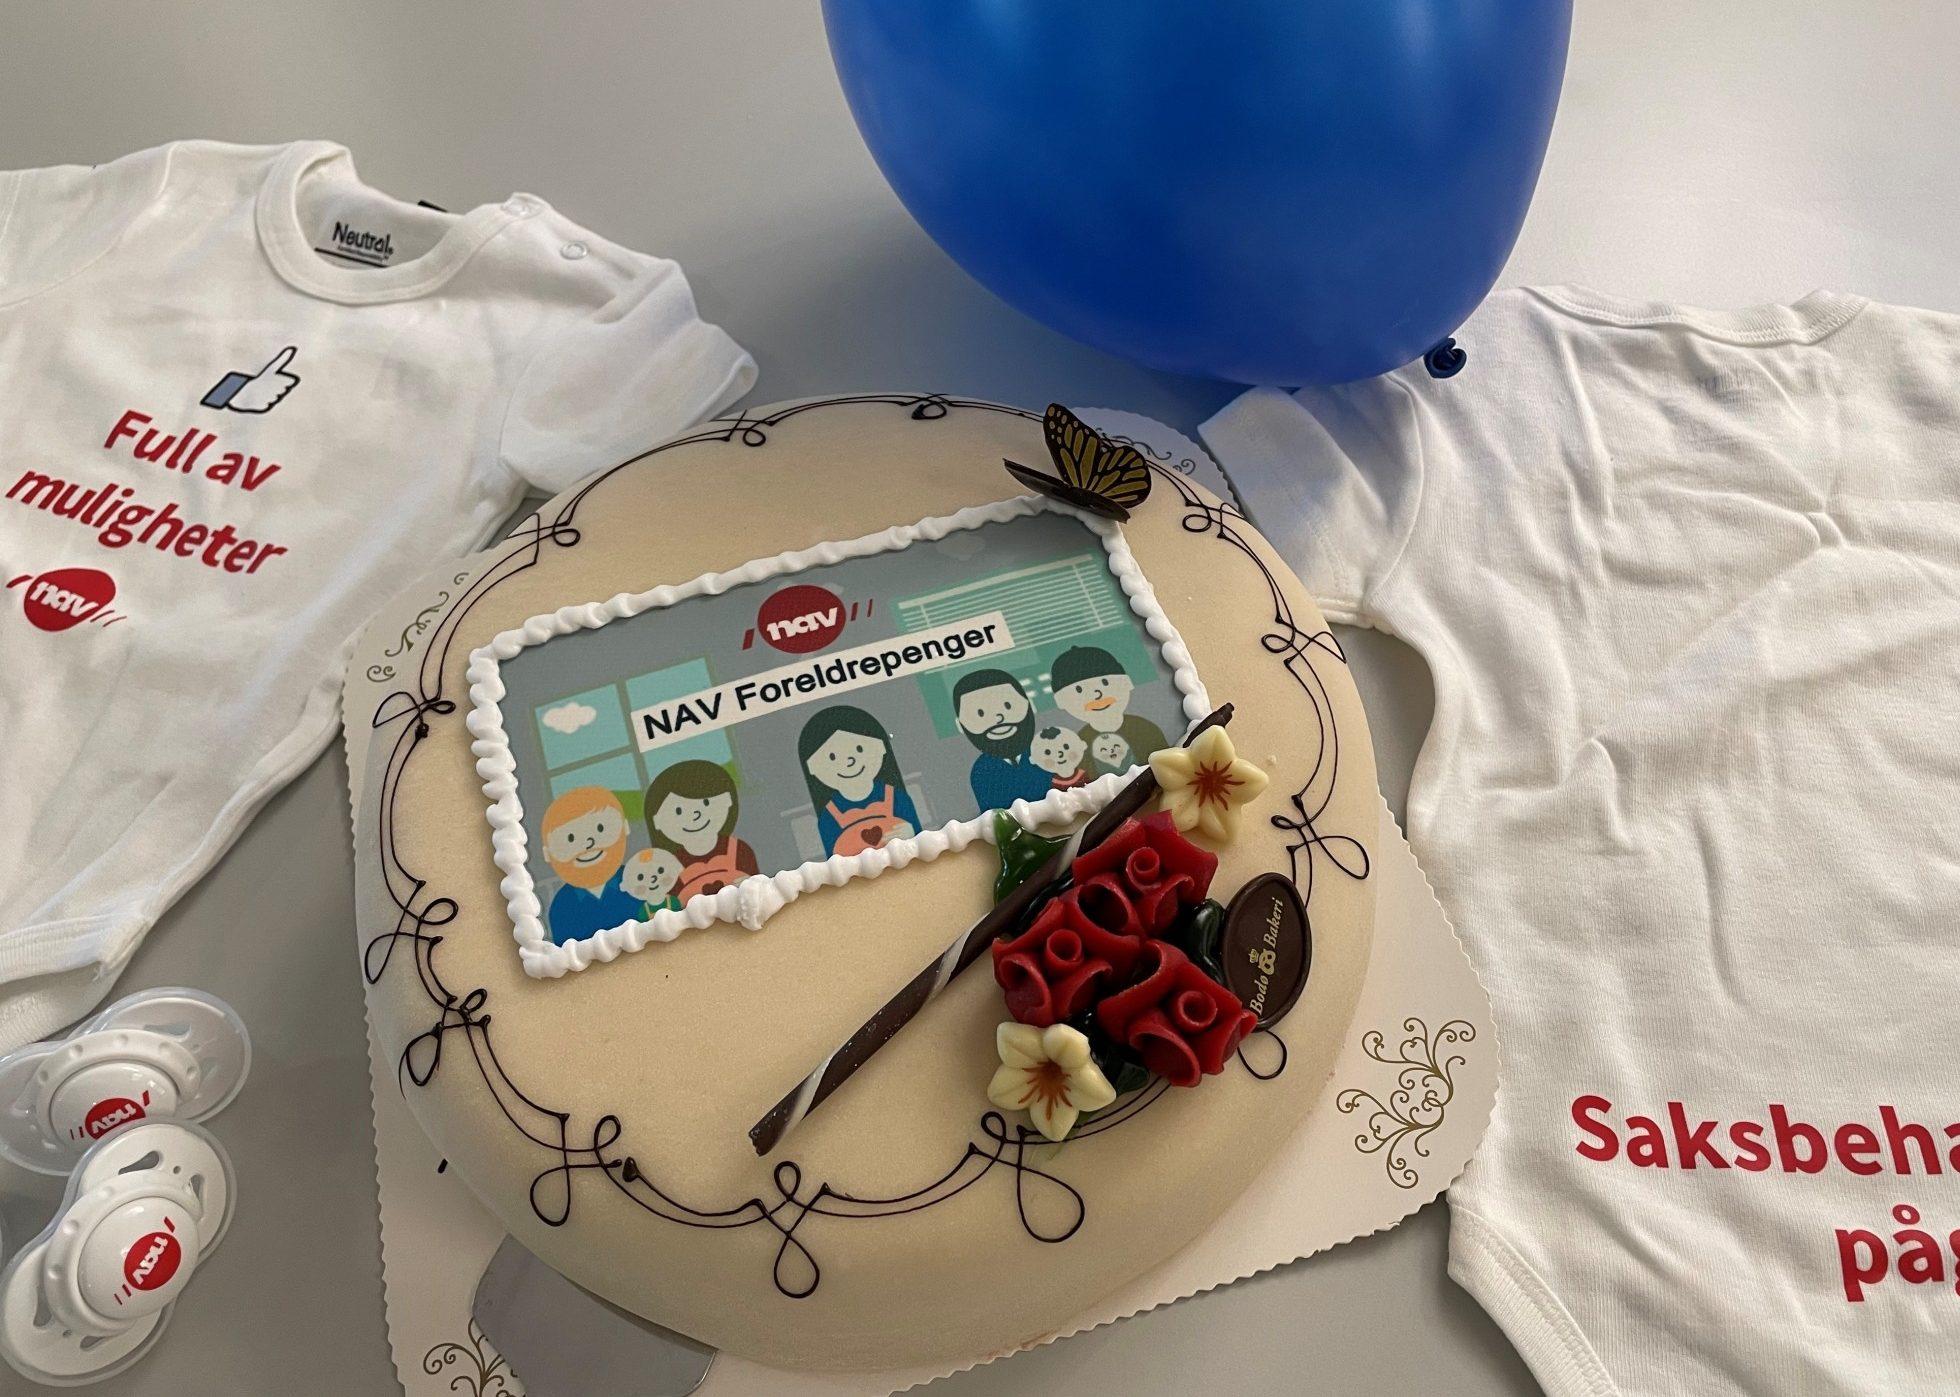 JUBILANT: NAV Foreldrepenger på Facebook fylte 10 år 5. september, og det ble markert med kake. (Foto: Tommy Vindenes)